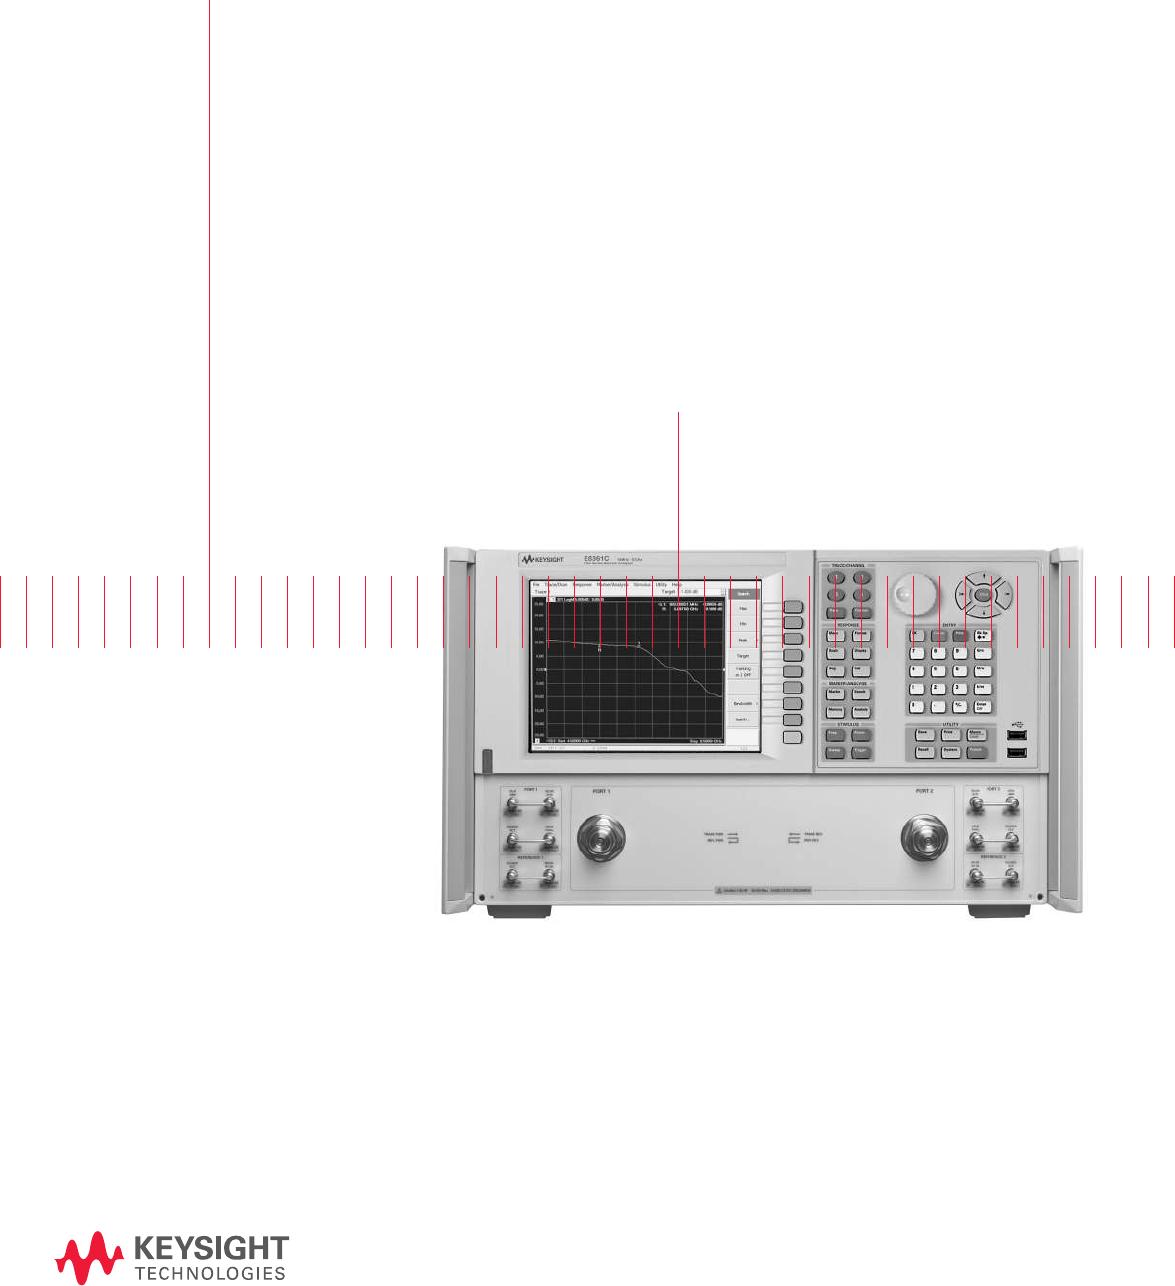 keysight_n5230c_pna l_microwave_network_analyzer_5989 7607en datasheet  keysight n5230c pna l microwave network analyzer 5989